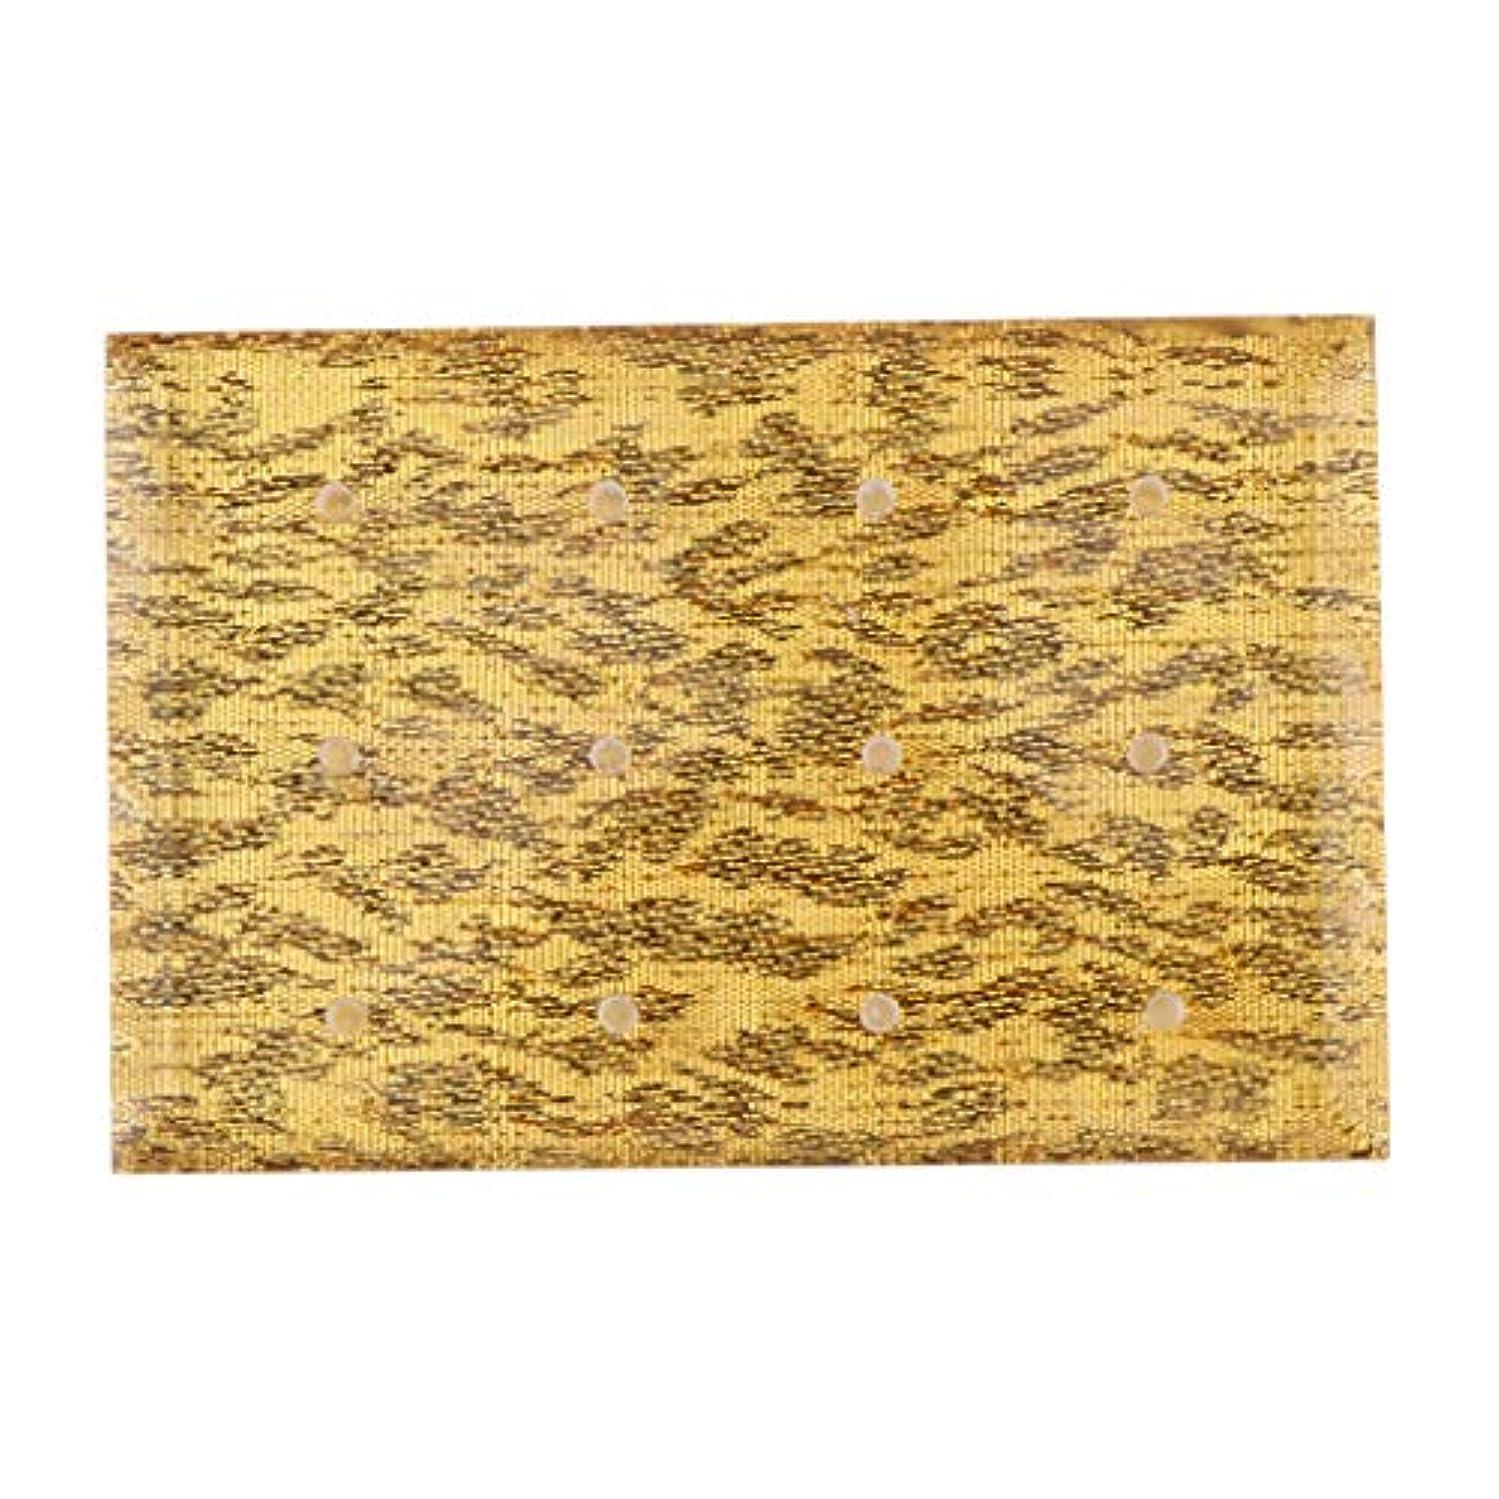 出版絶え間ない脚Injoyo アクリル ネイルドリルビット 収納ケース ドリルビットホルダー 12穴 サロン ネイルメイクツール 全2色 - ゴールド